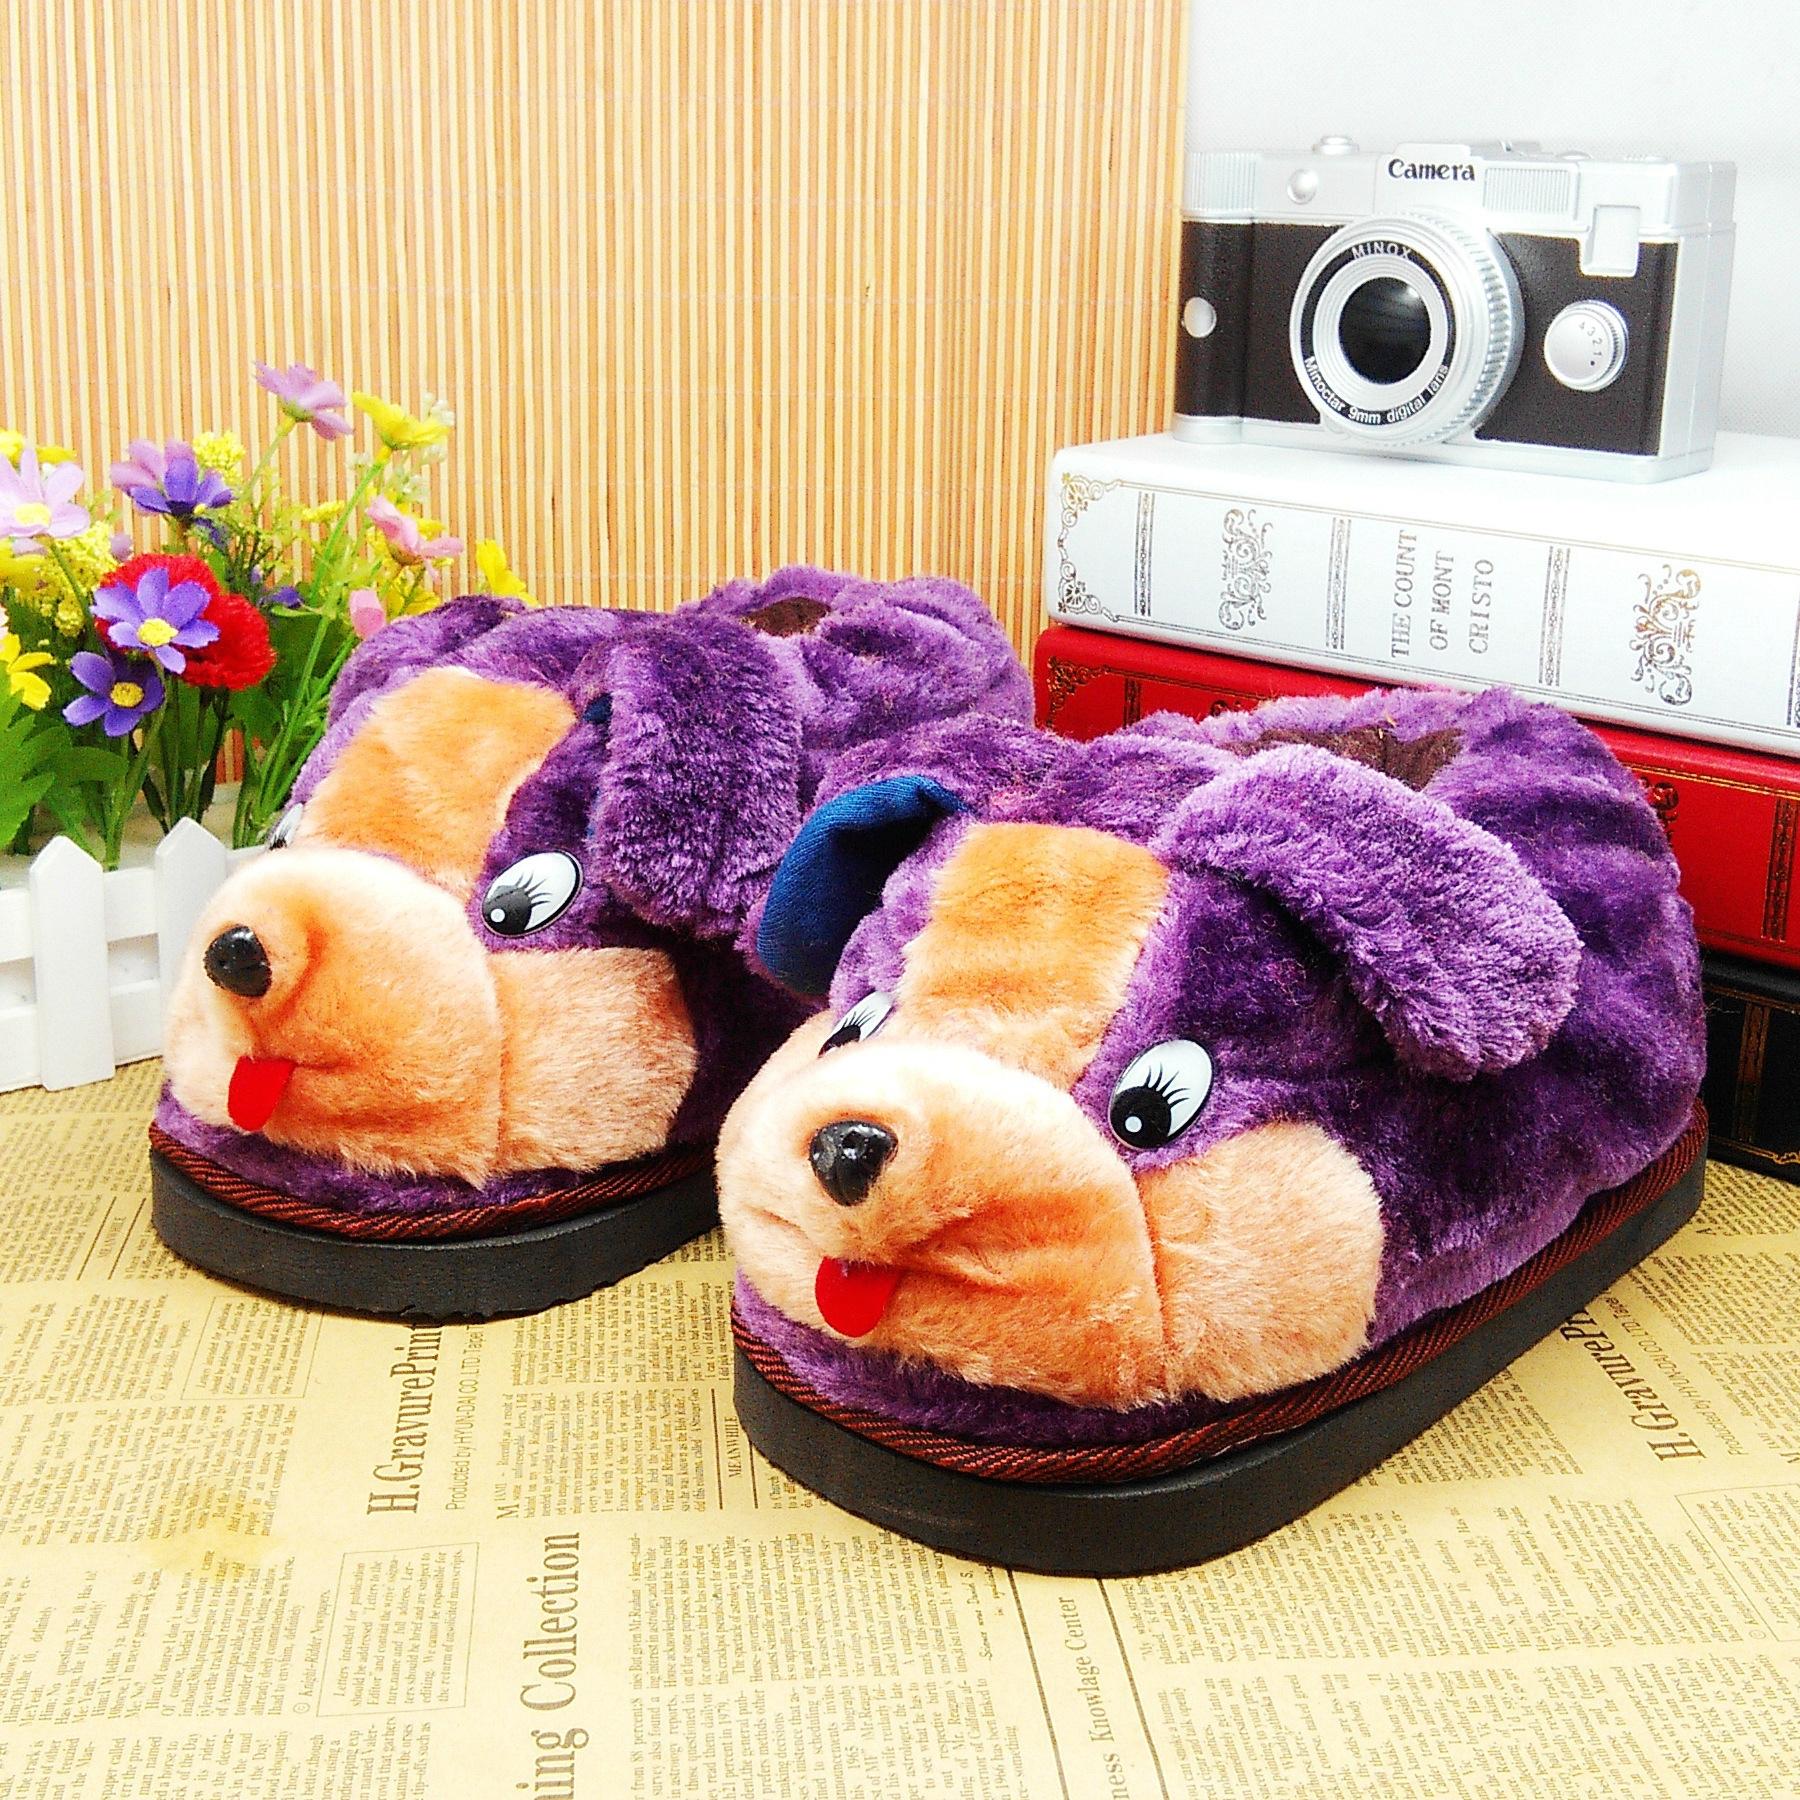 冬季保暖室内棉鞋可爱动物卡通家居棉鞋拖鞋